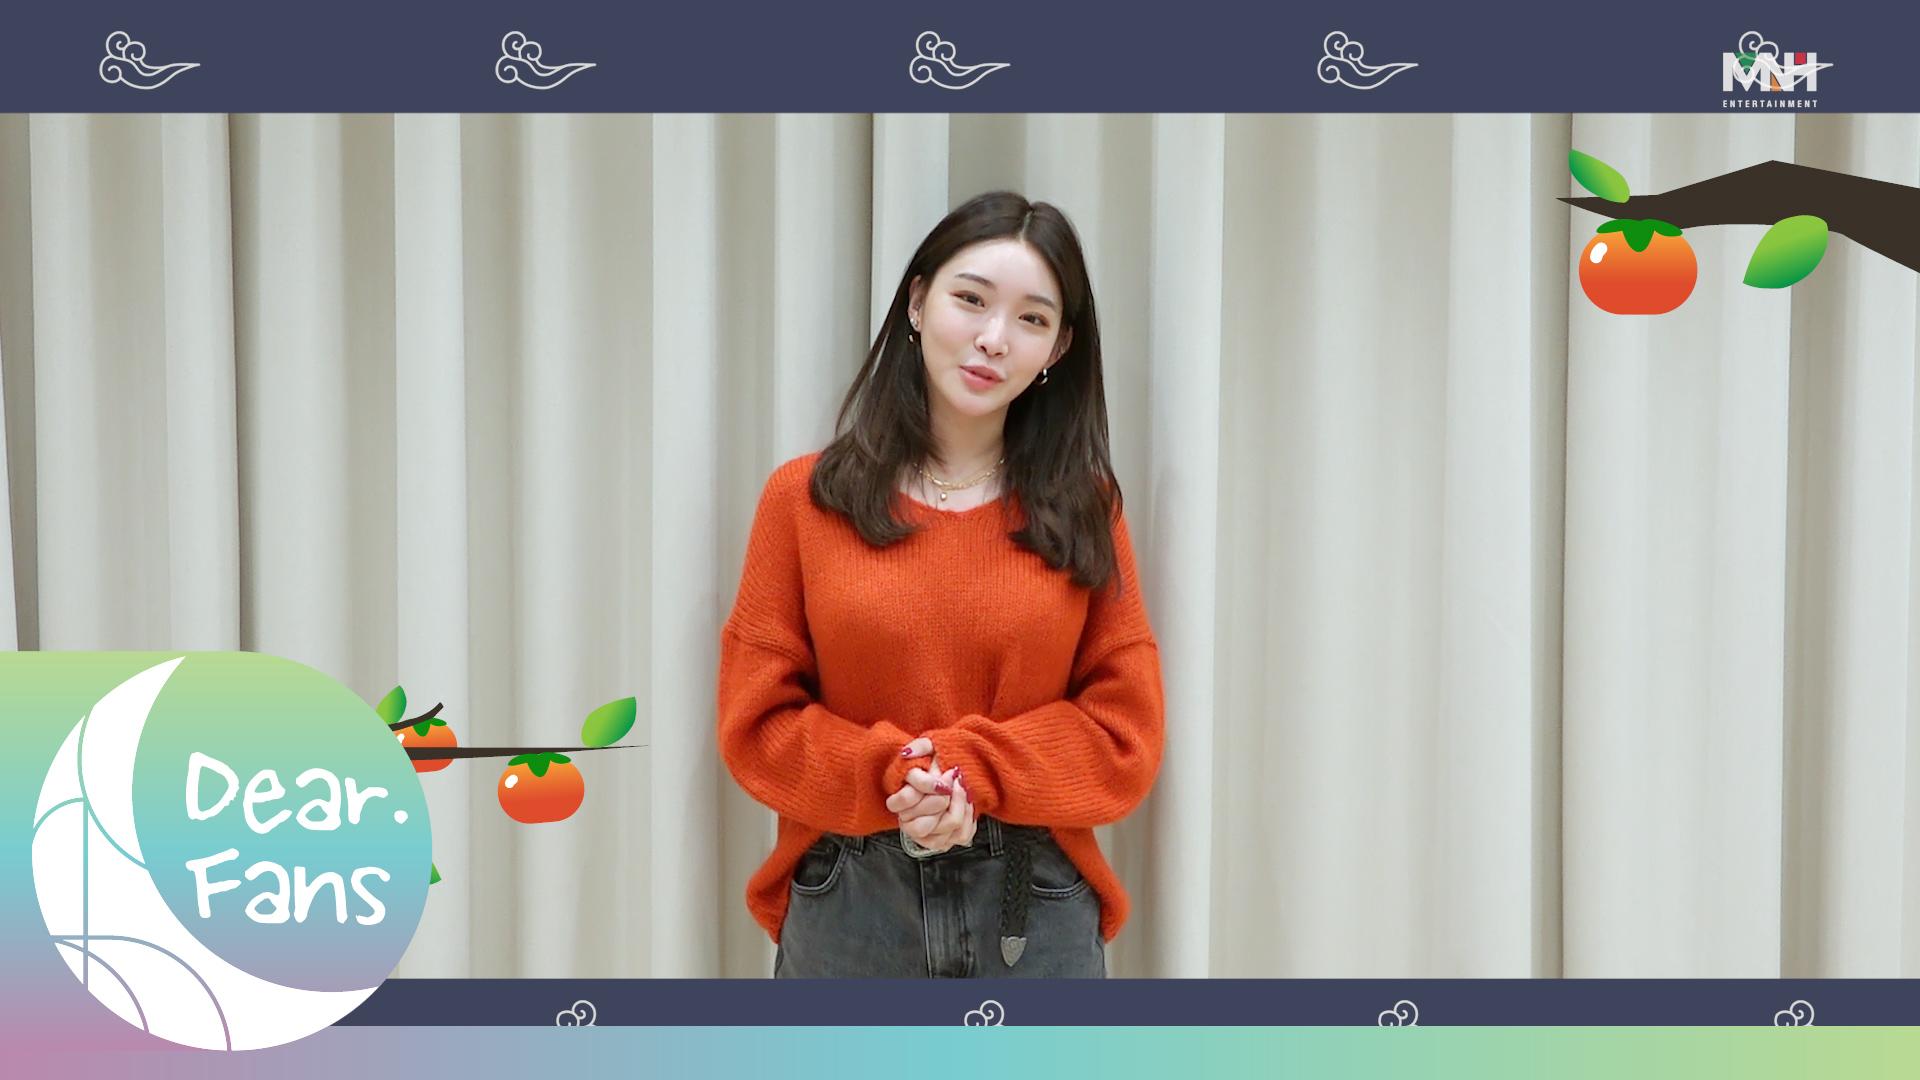 [Dear. Fans] 청하(CHUNG HA)의 2020 추석 인사